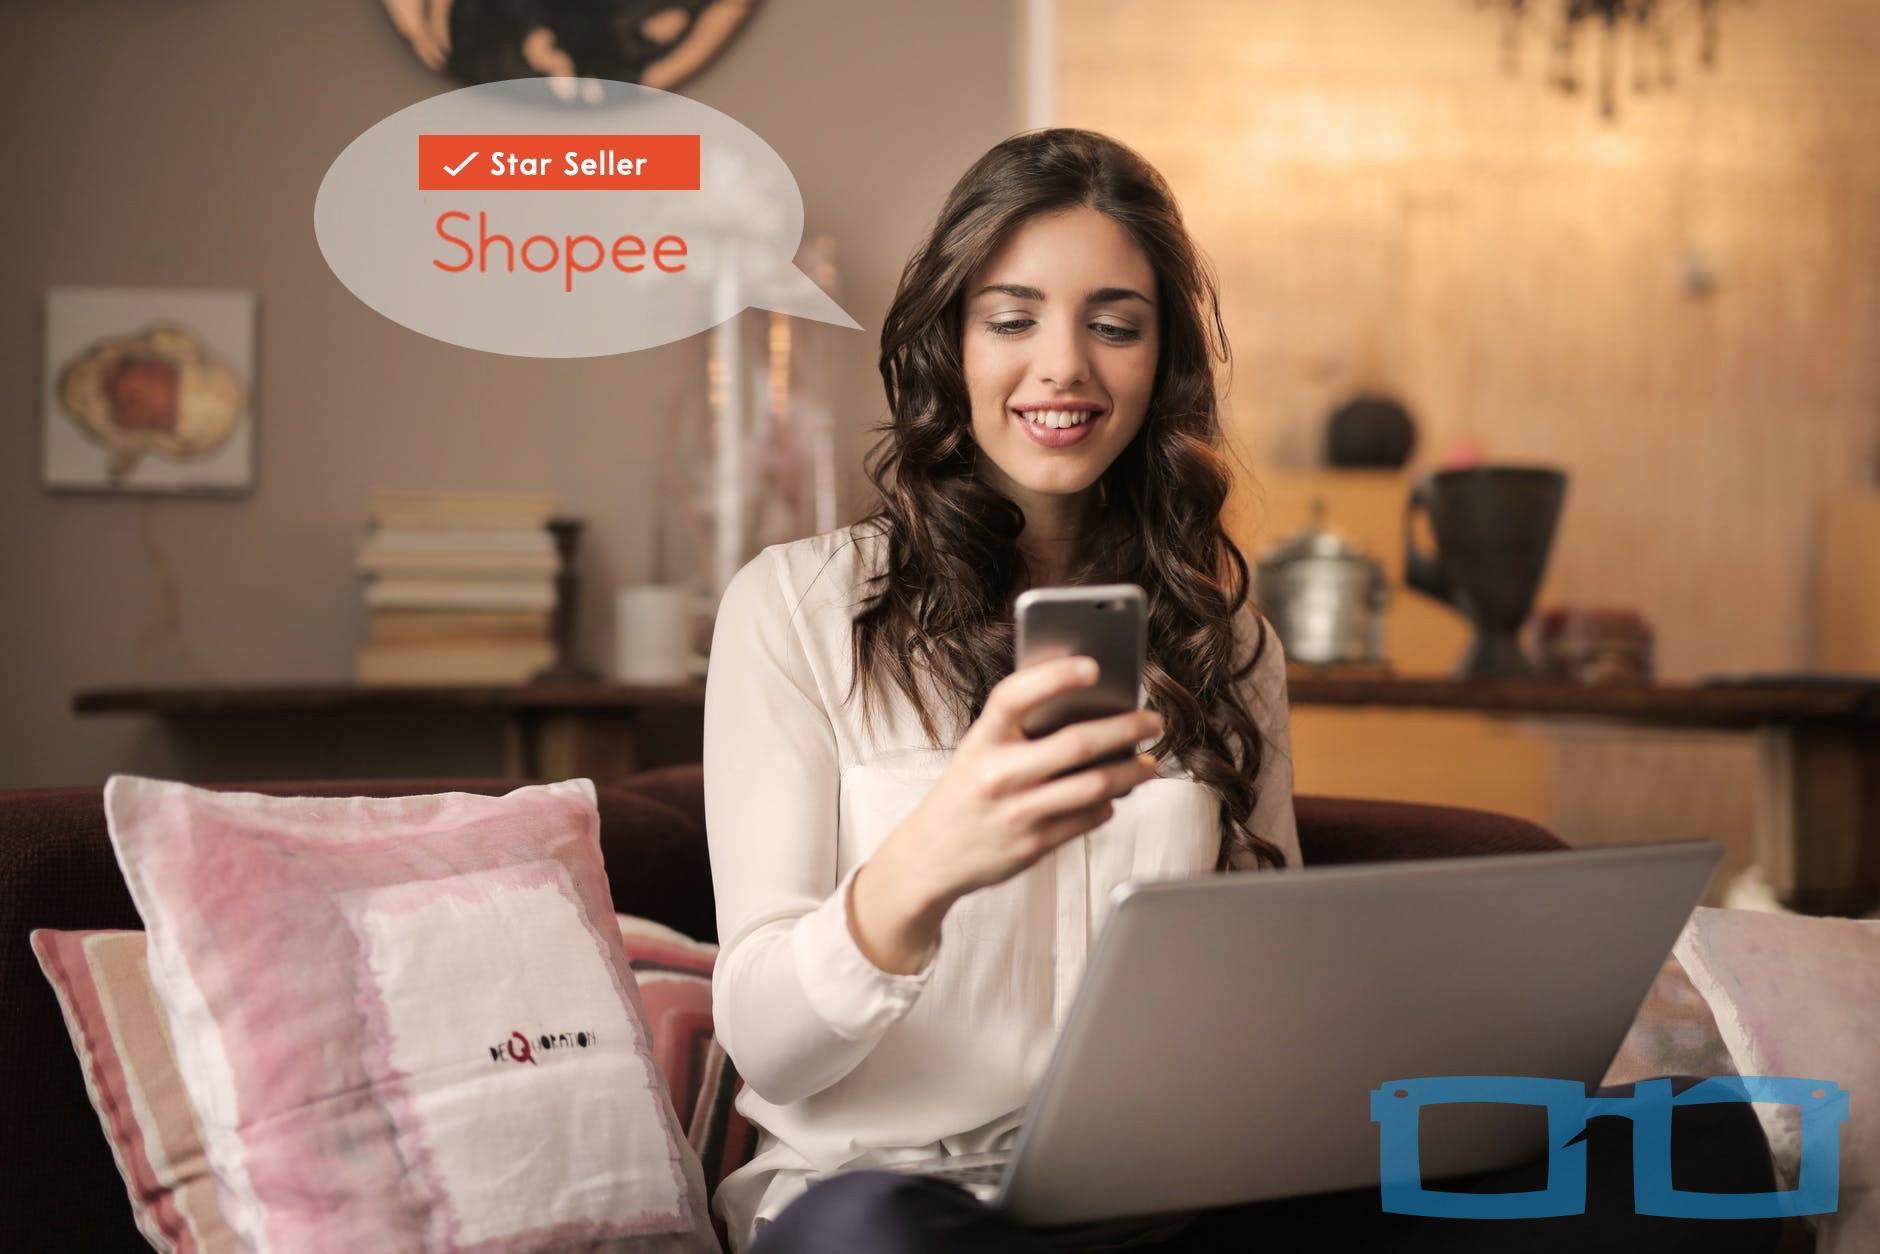 Tips Mendapatkan Undangan Star Seller Shopee